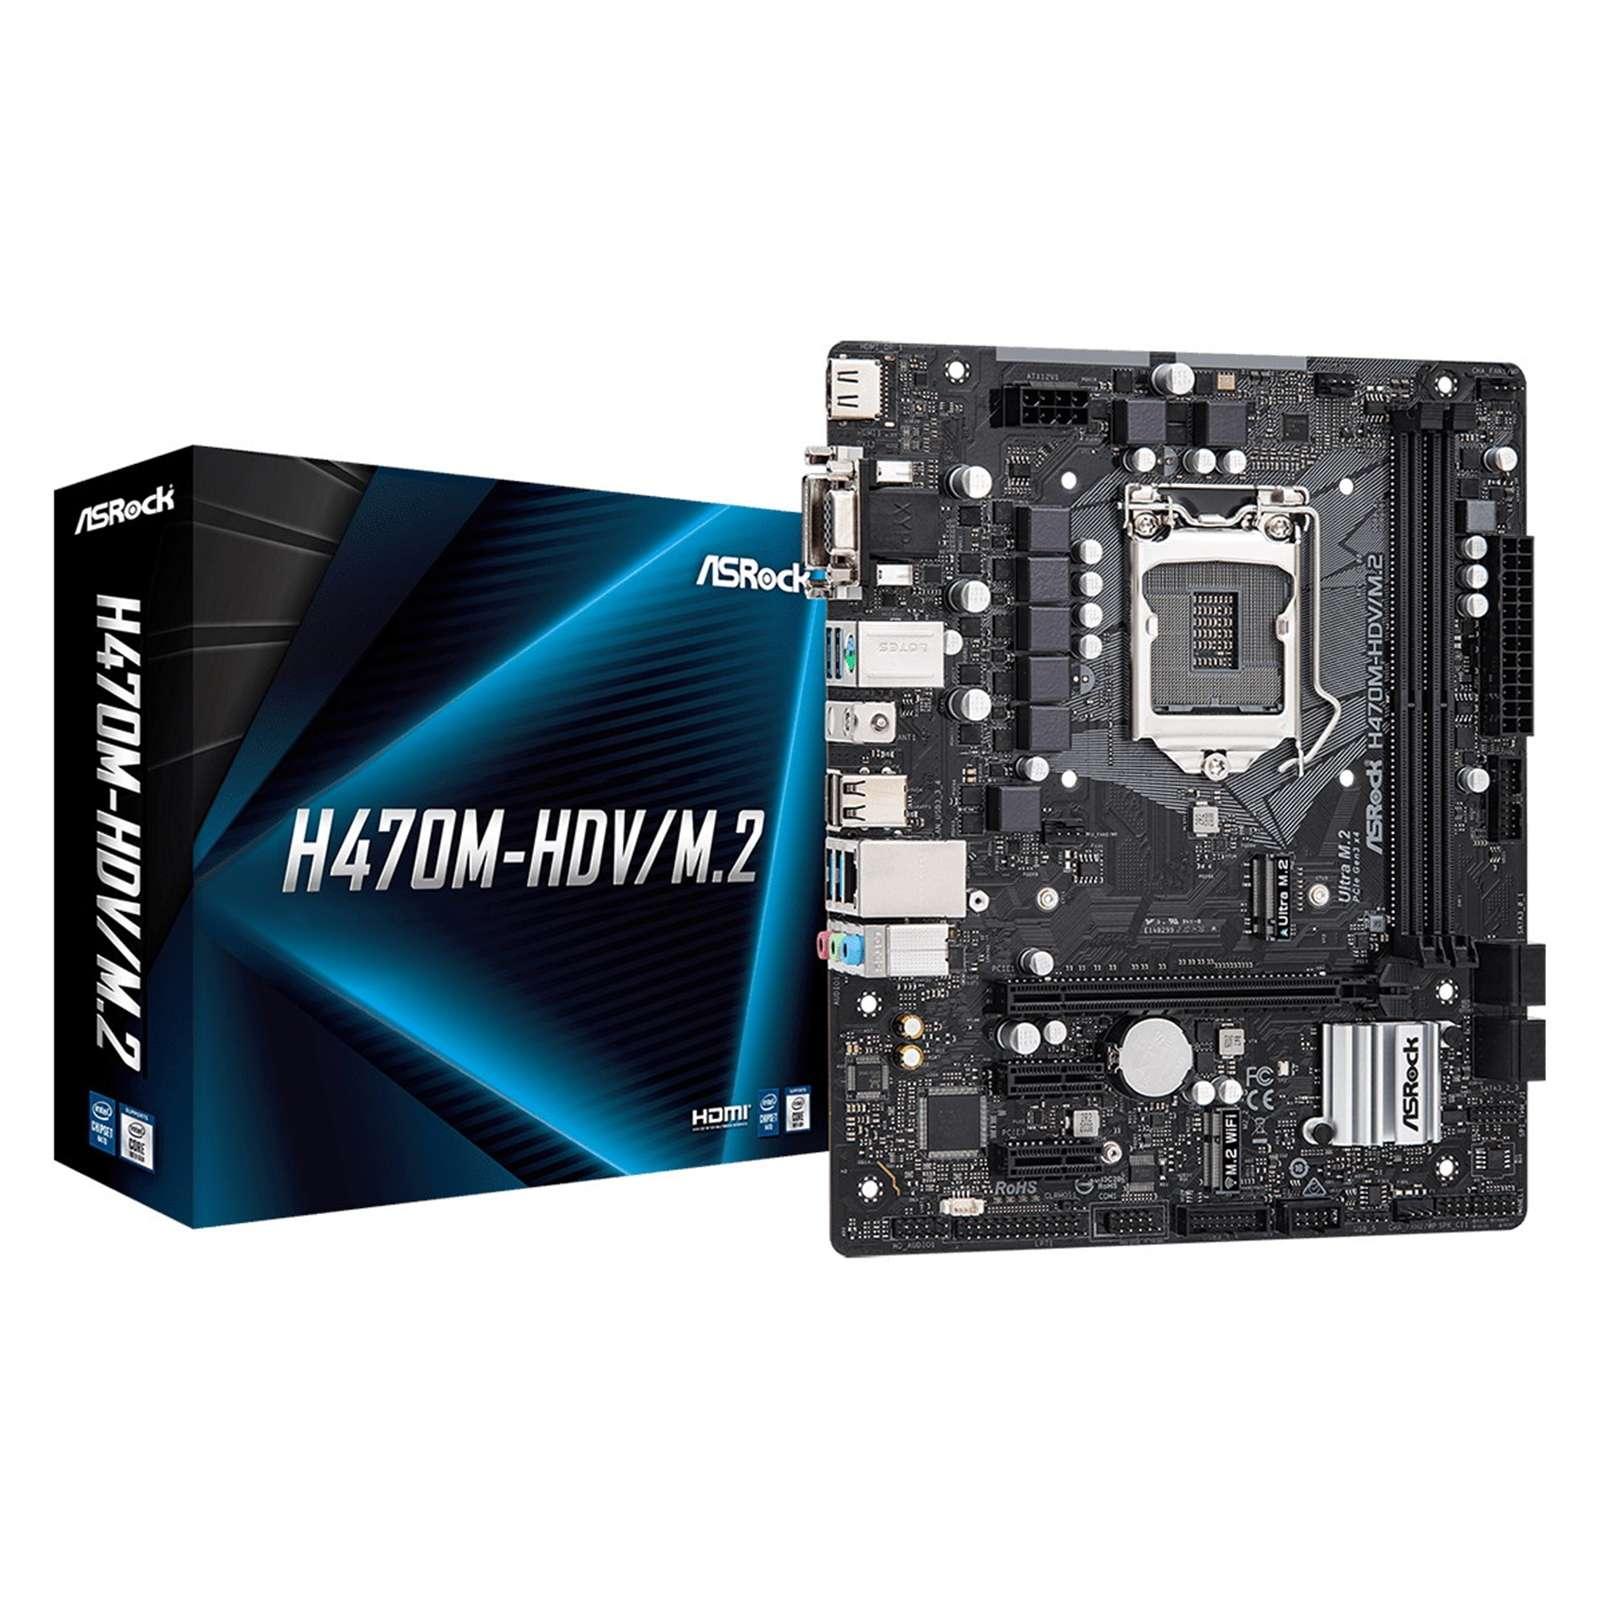 ASRock H470M-HDV/M.2 Intel Socket 1200 Micro ATX HDMI/VGA/DVI USB 3.2 Gen1 M.2 Motherboard